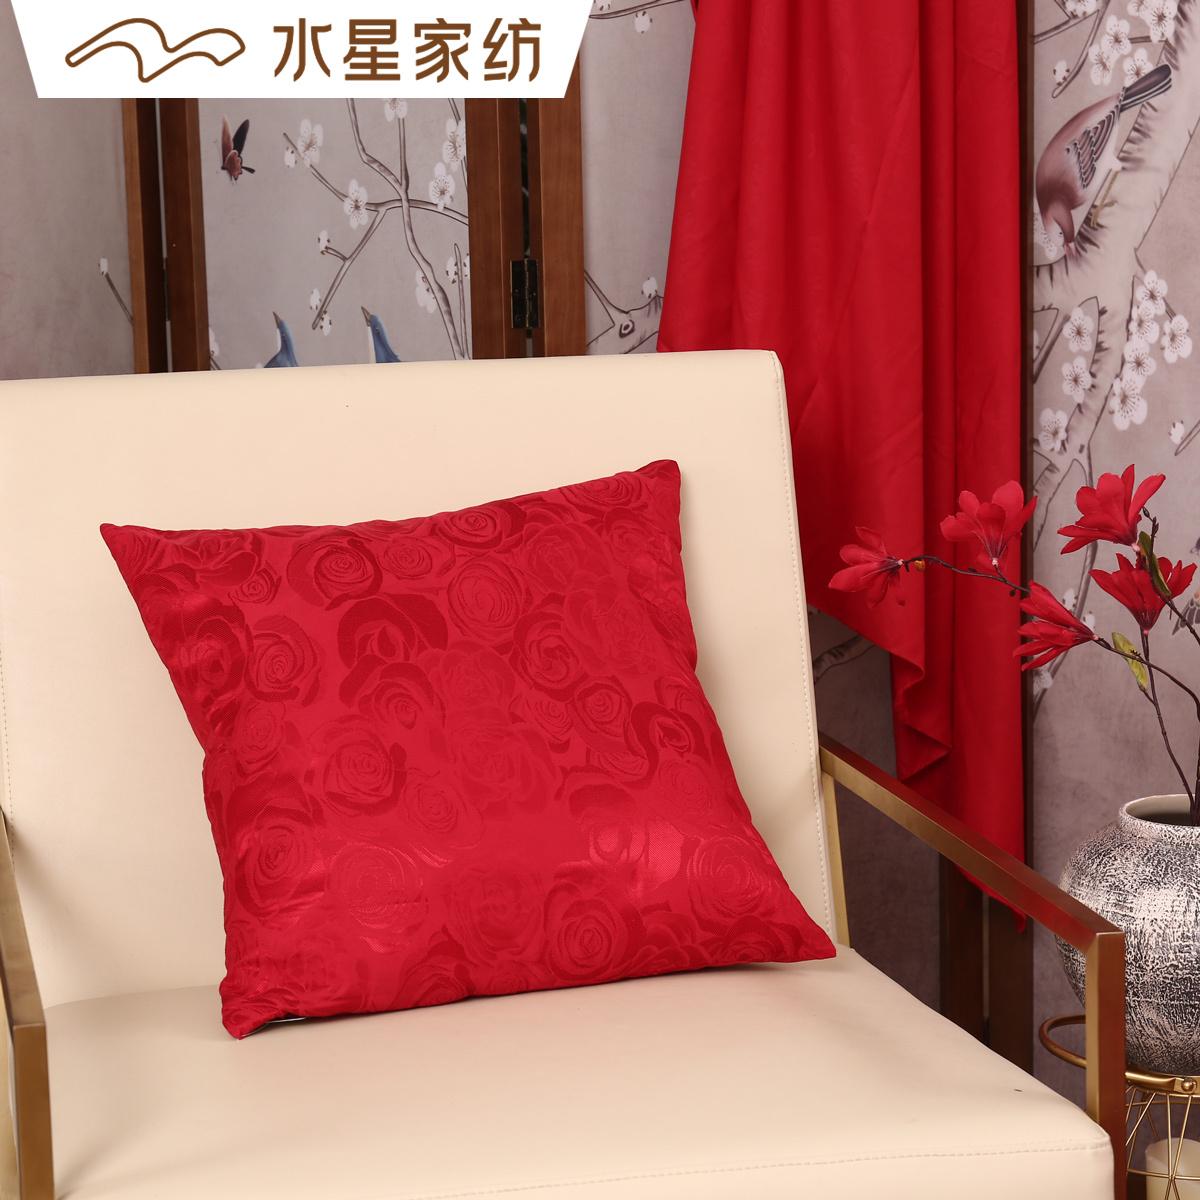 水星家纺 提花亮丝靠垫单人沙发靠垫垫腰枕头床上用品专柜同款